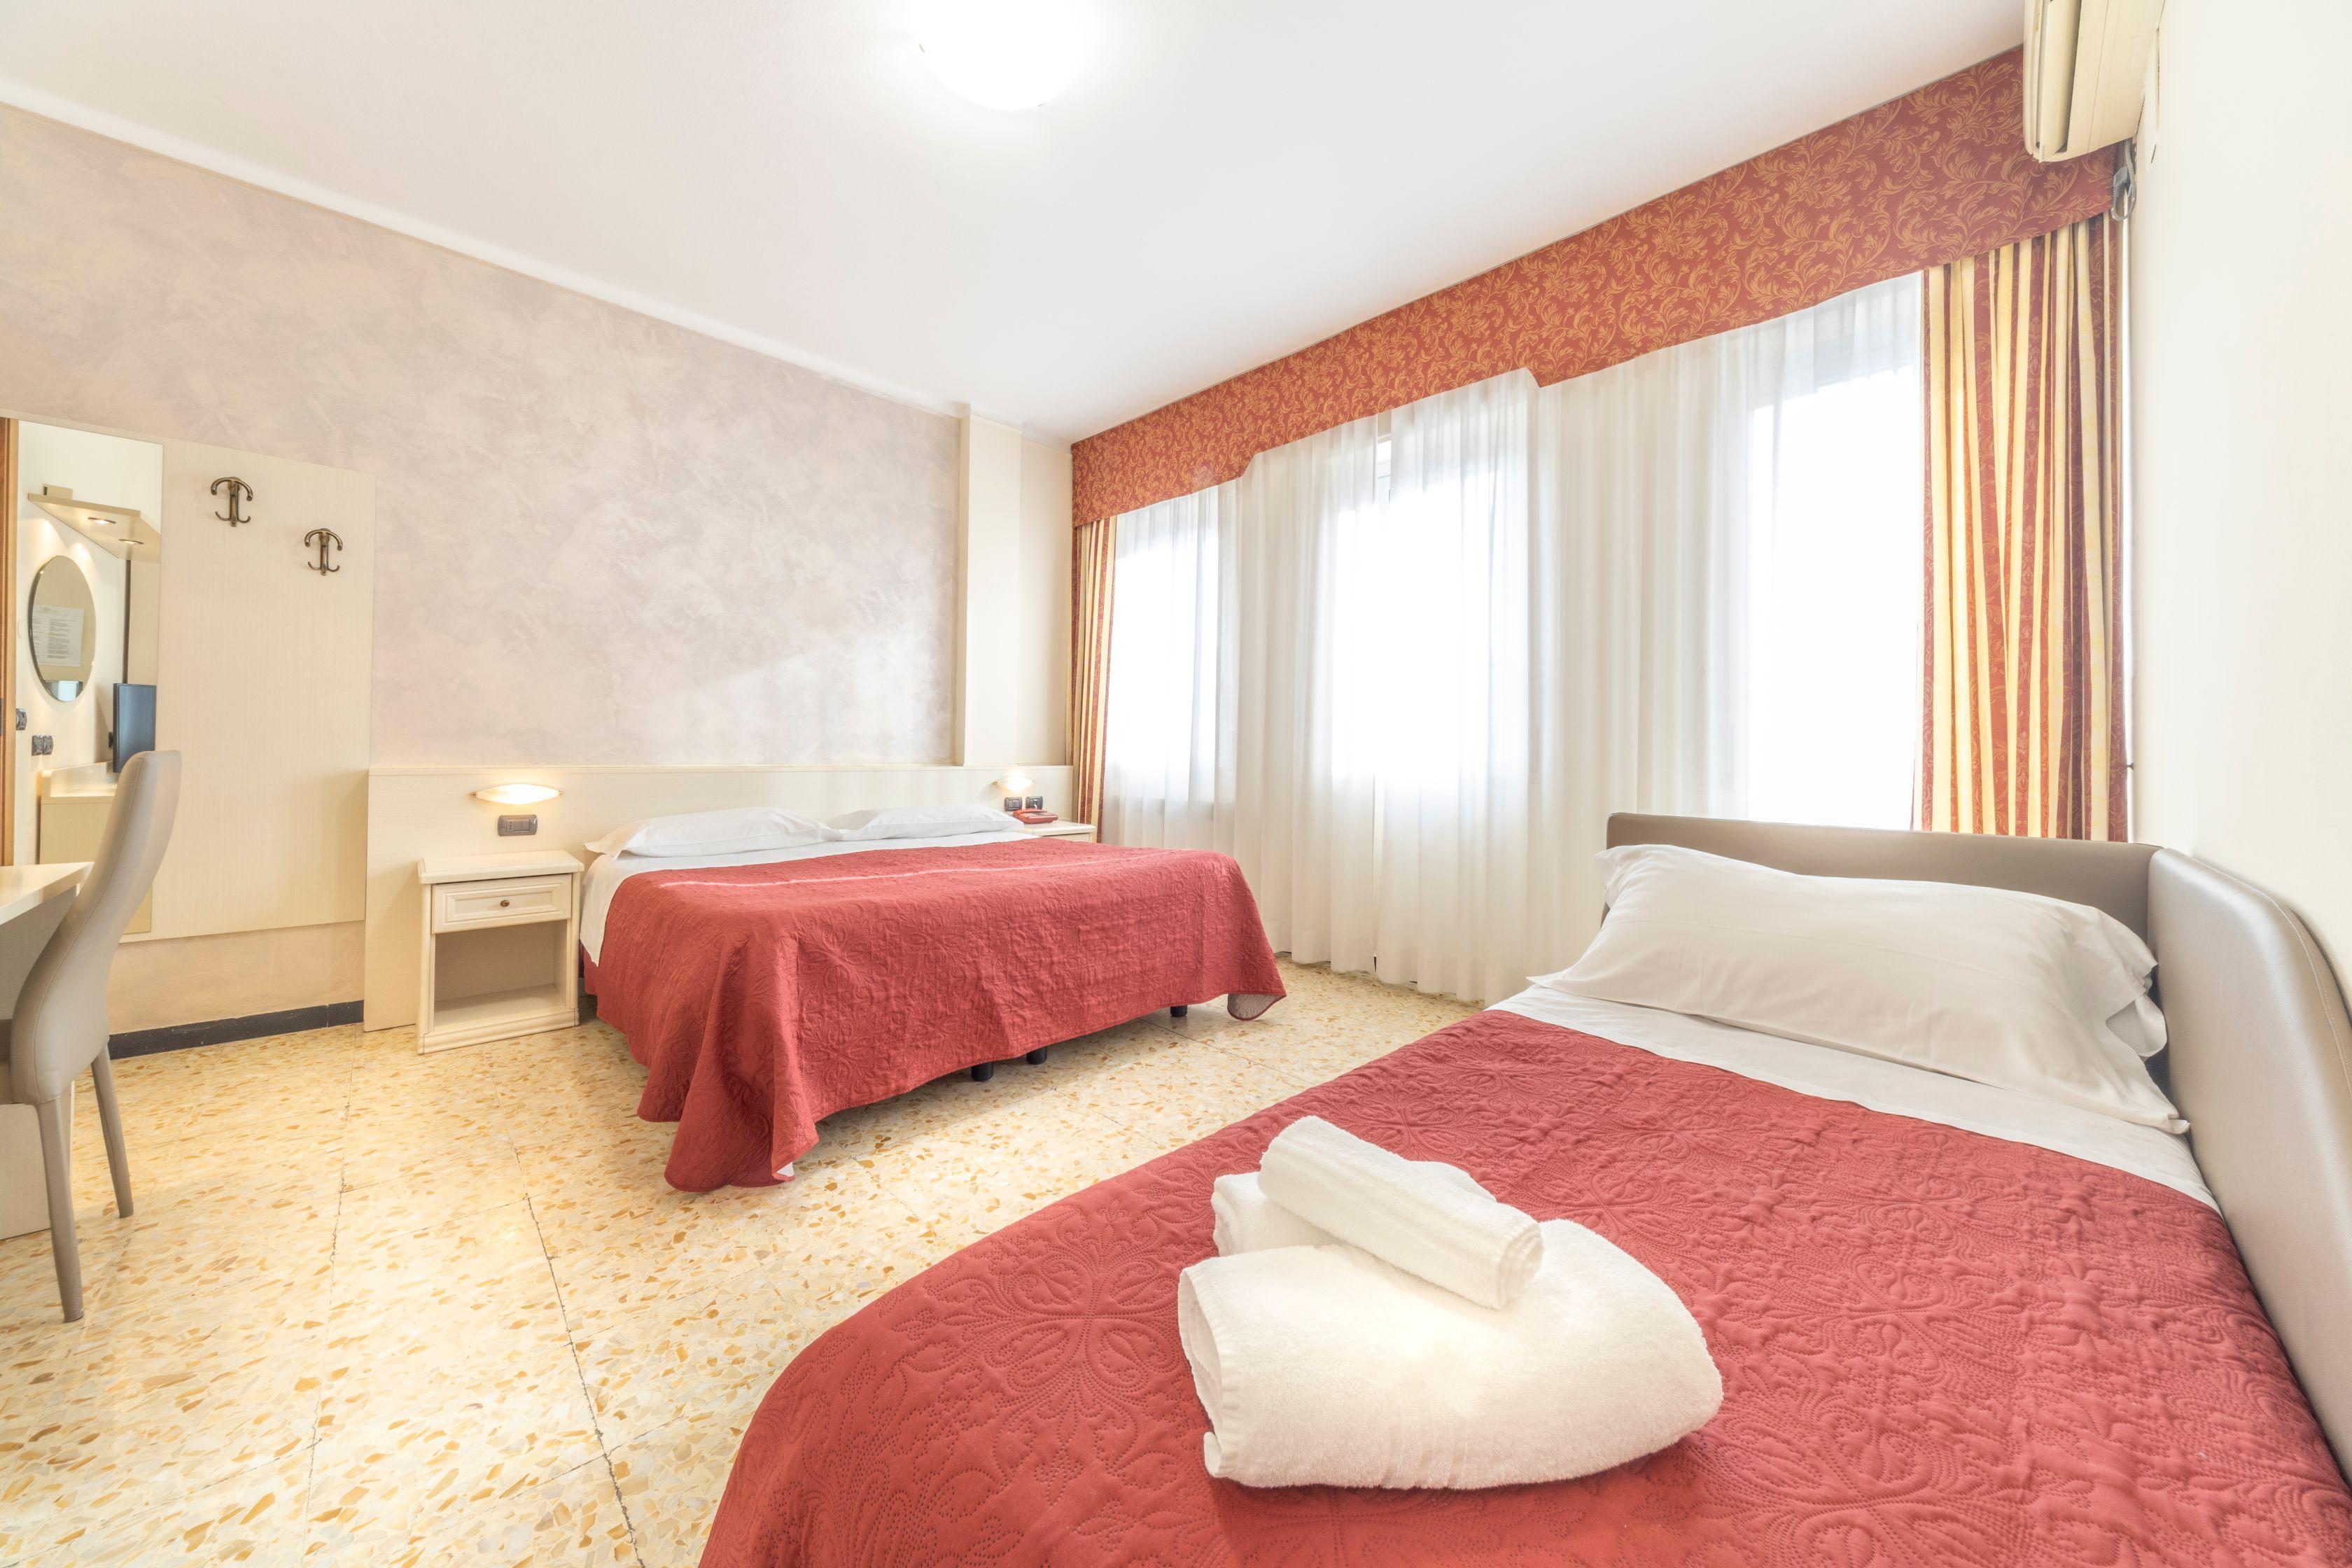 hotel_gold_bordighera_stanza_107__202010